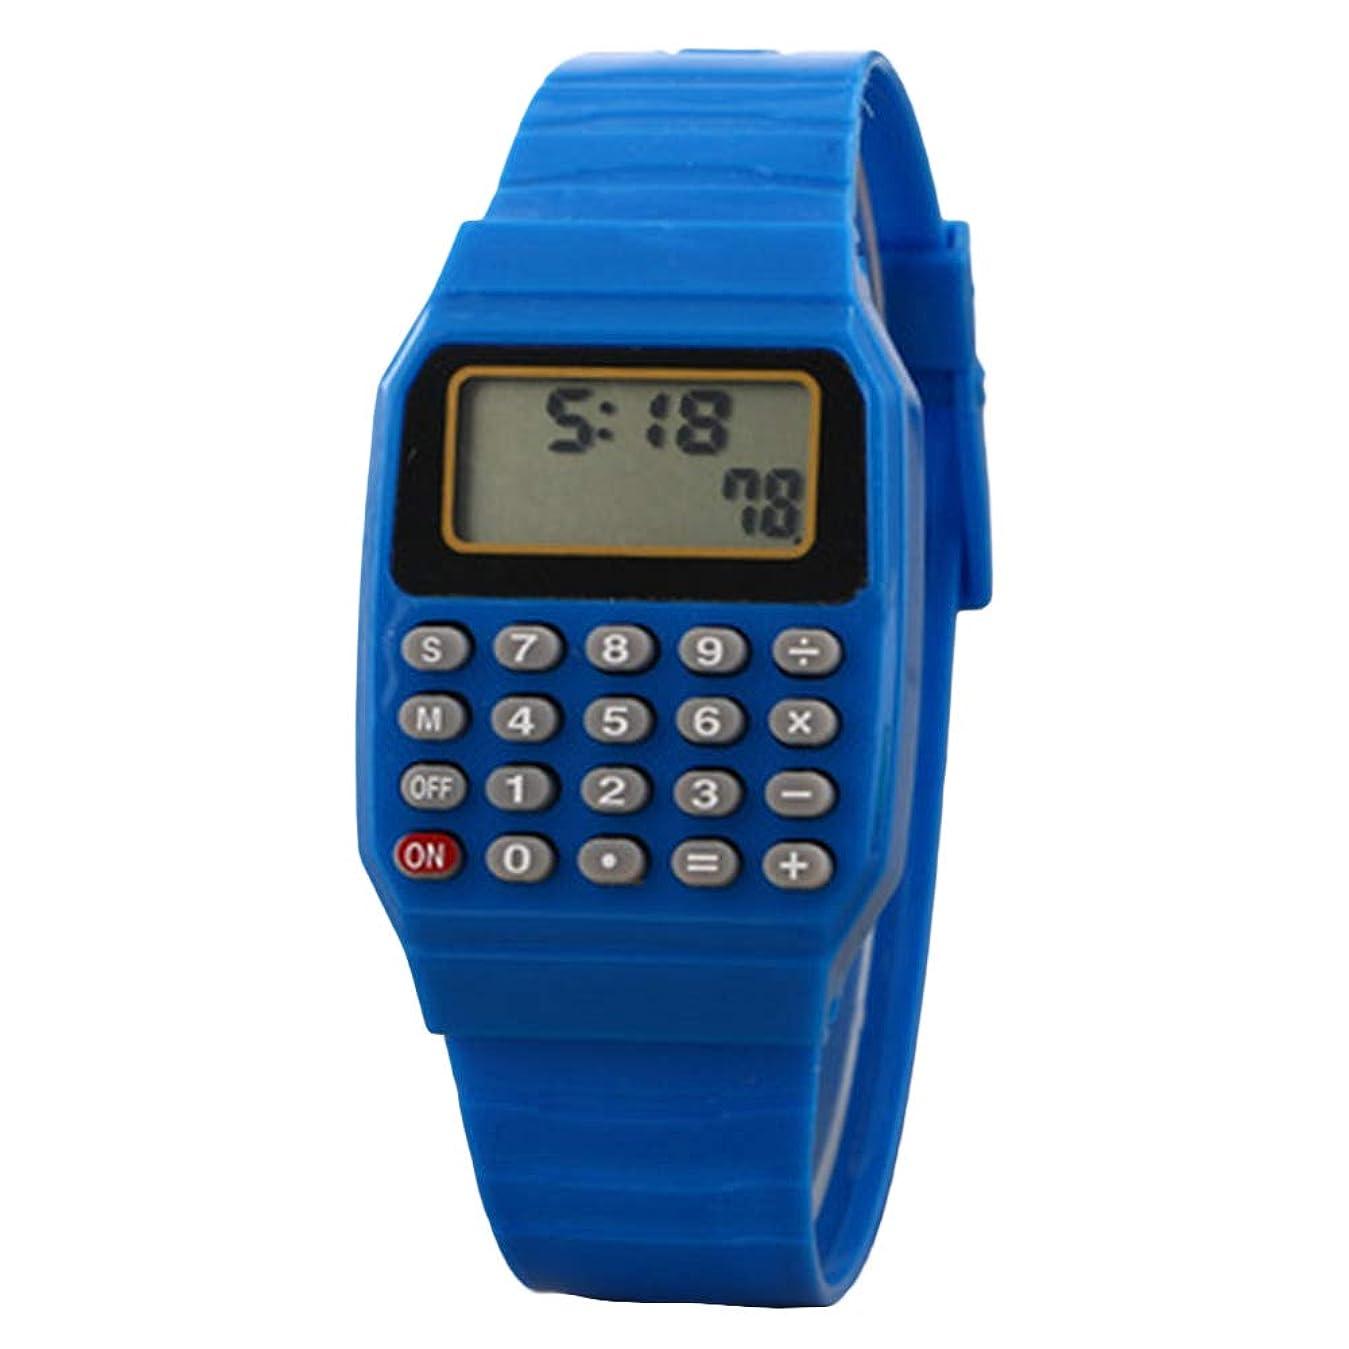 該当する包囲シェトランド諸島Togethluer 子供用デジタルスクエア腕時計 ミニ計算機 ポータブル計算機 試験ツール キッズギフト ブルー 78W37QJF97DXK6YHS6J